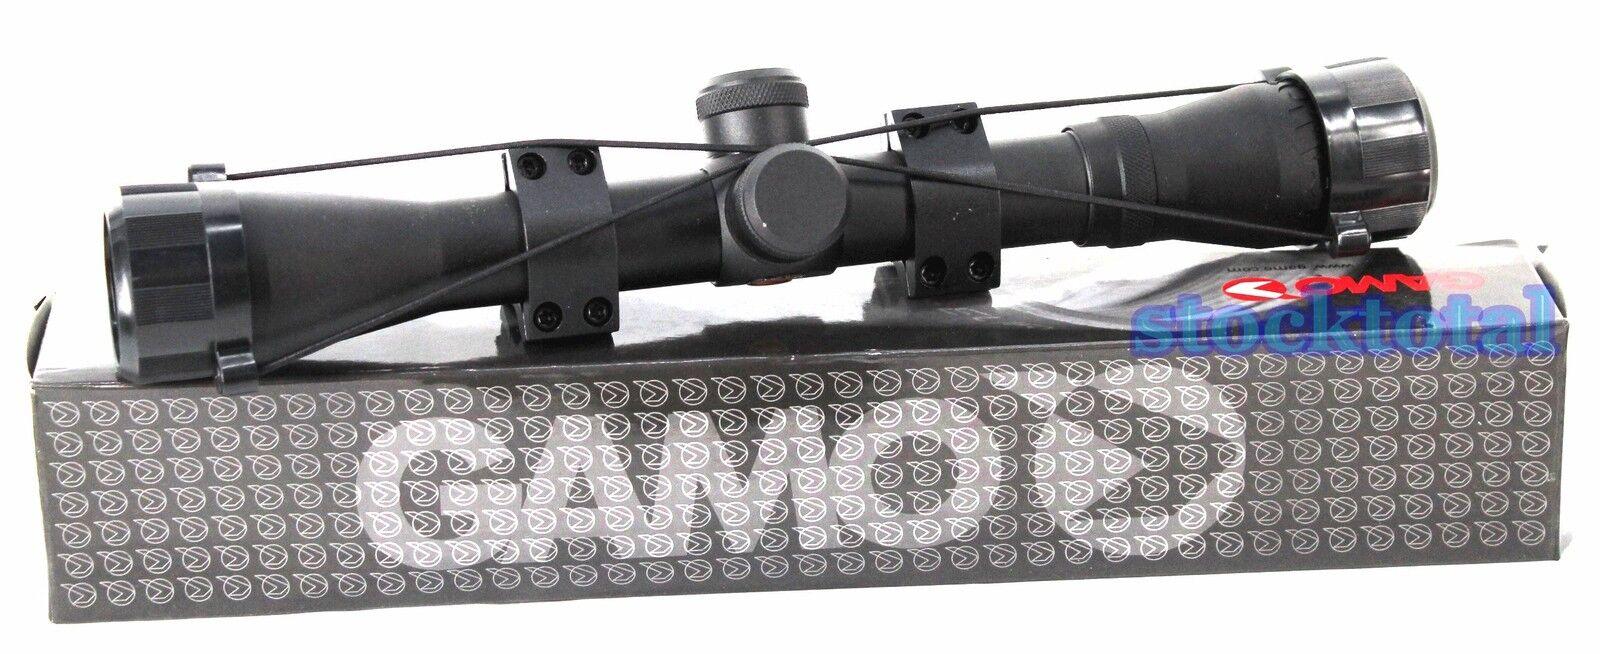 Visor  Telescópico 1  4x32 WR Serie Sporter Gamo VE4X32WR G  alto descuento